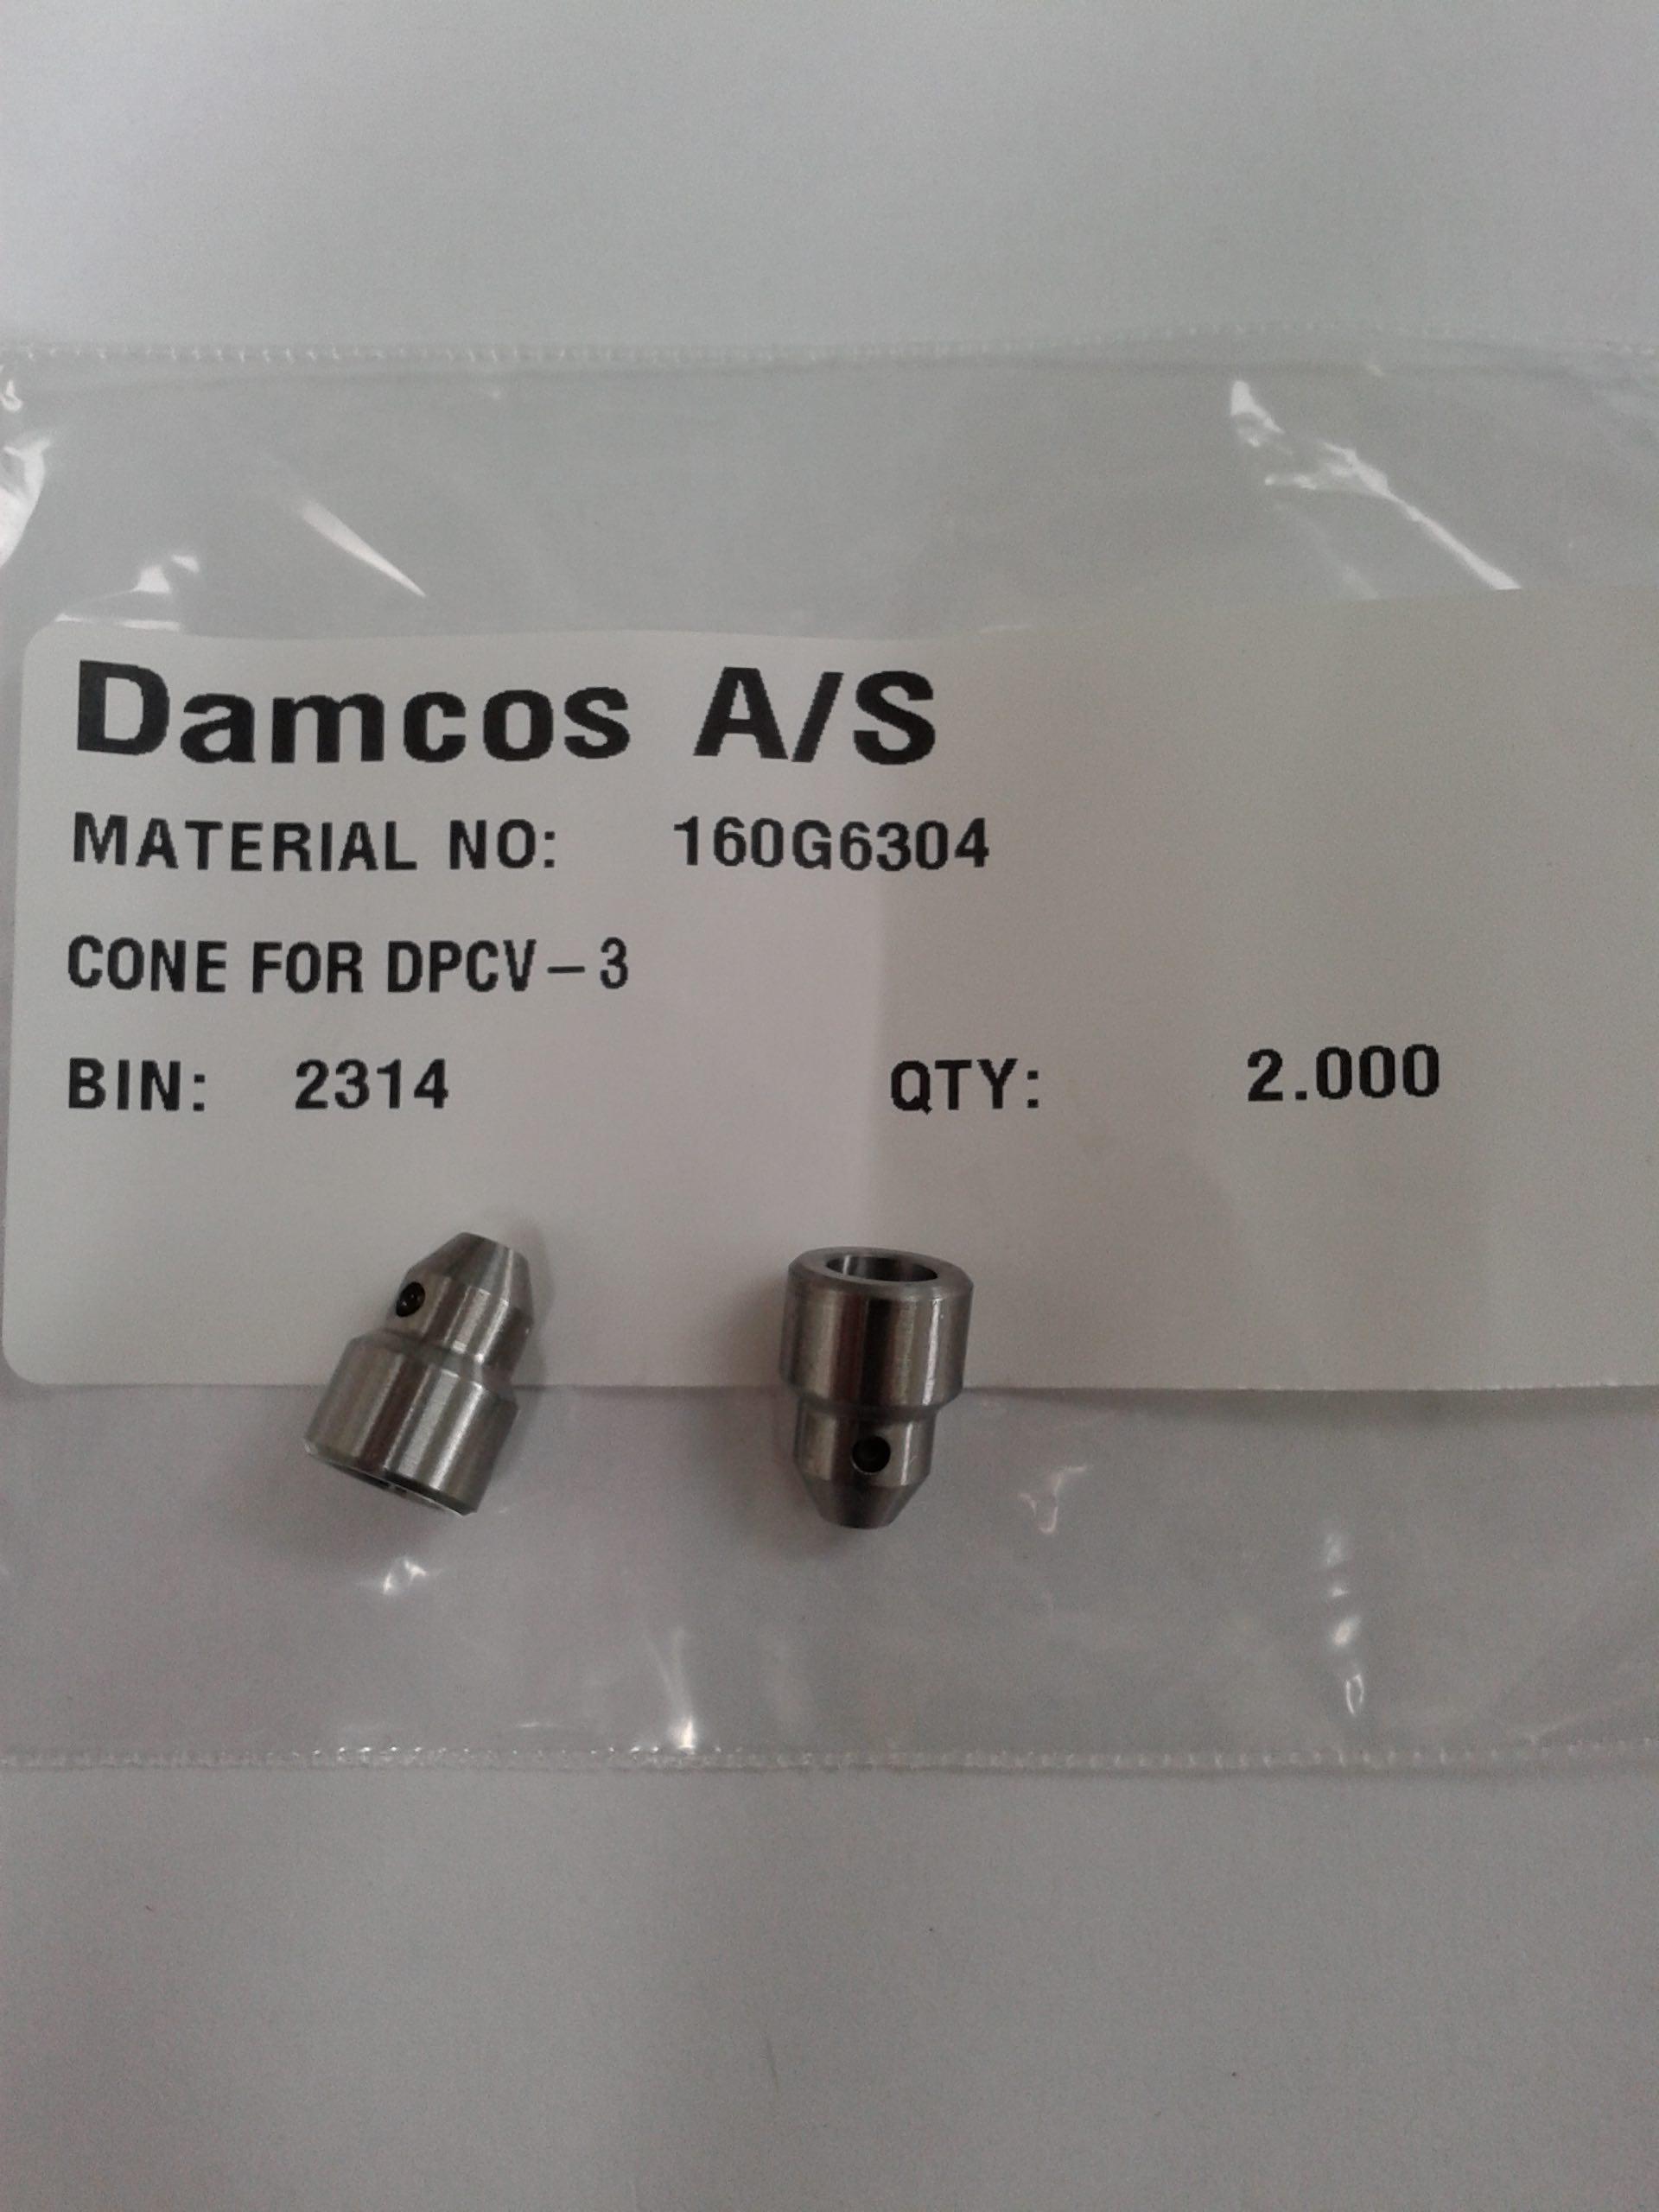 Damcos: Danfoss DPCV-3 Cone, Part No- 160G6304